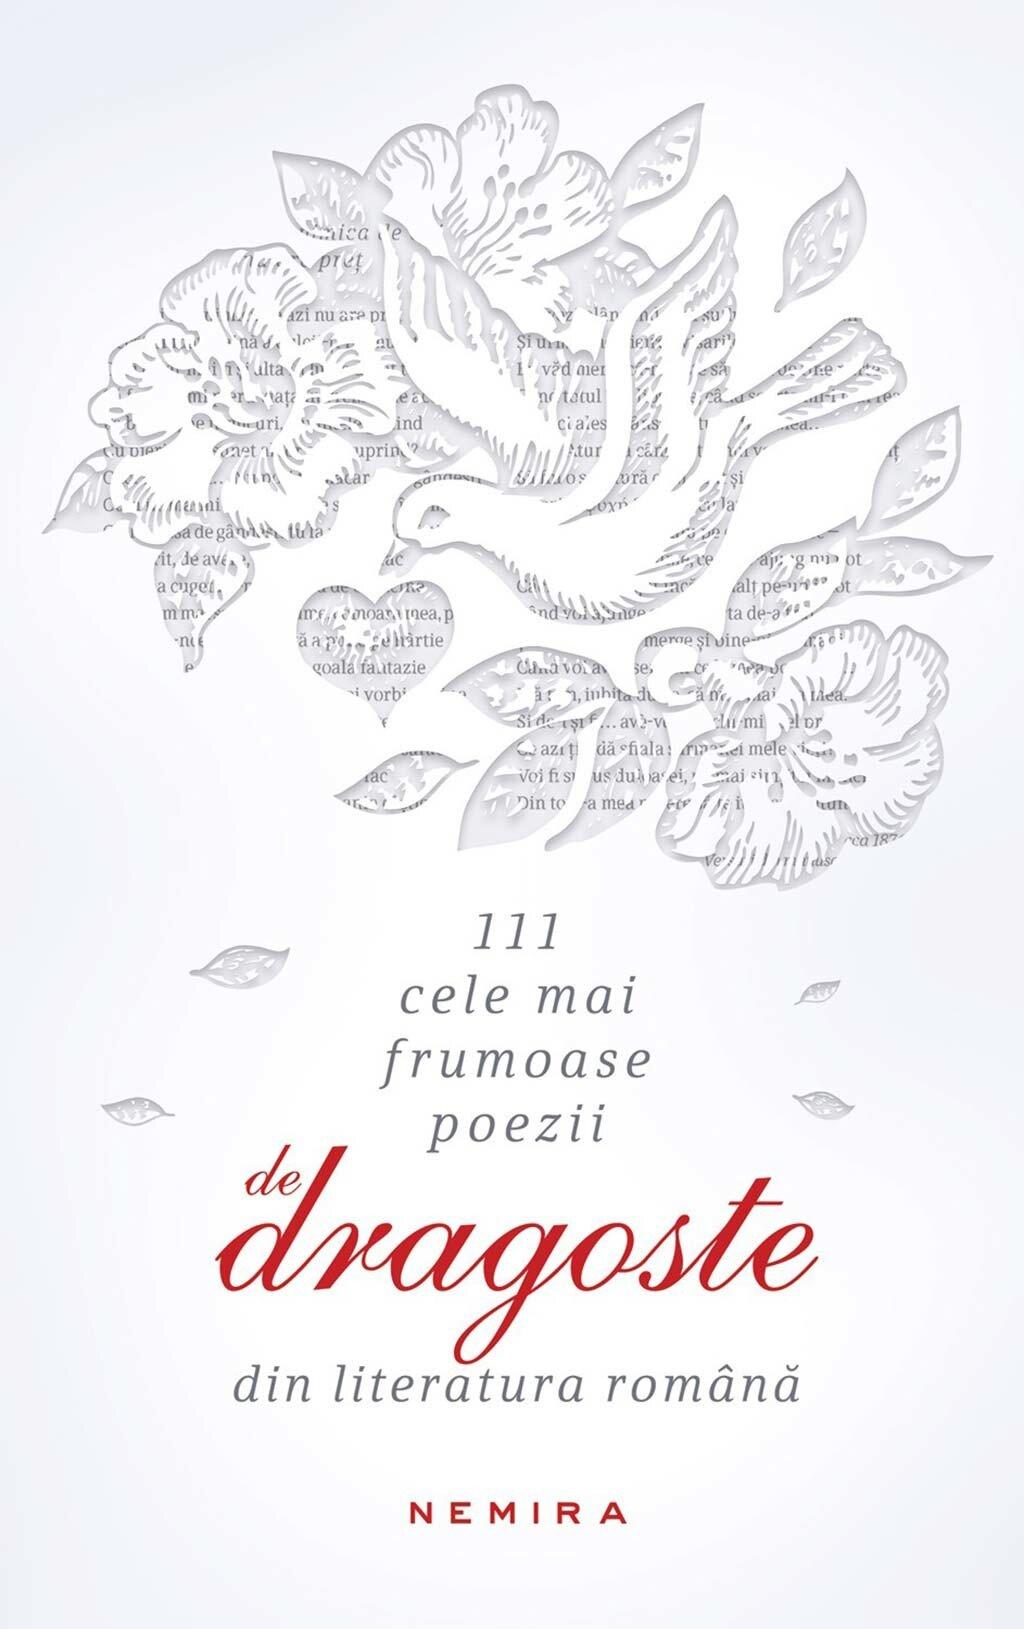 Coperta Carte 111 cele mai frumoase poezii de dragoste din literatura romana